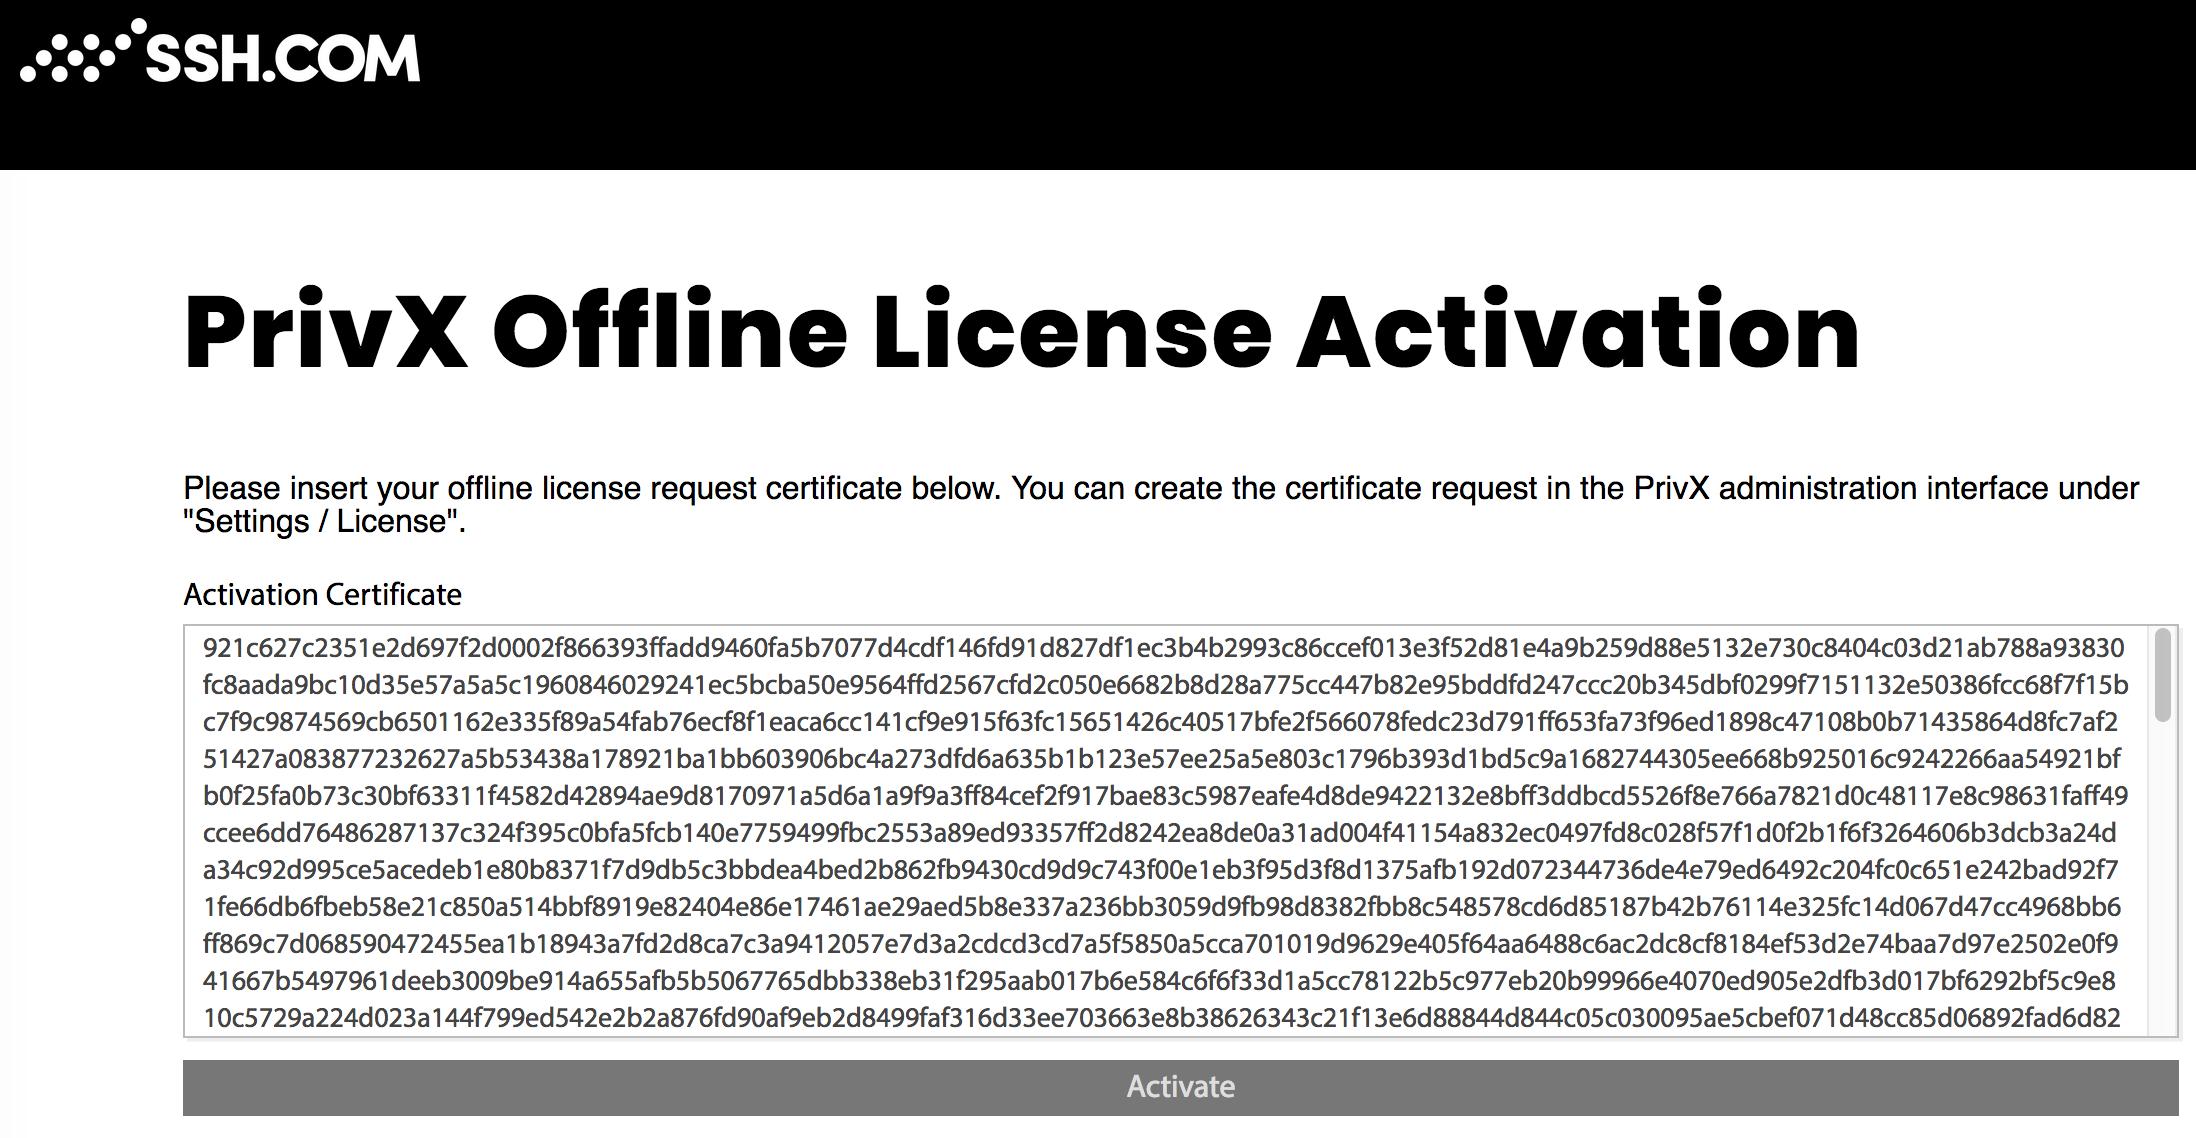 Offline License Activation Certificate